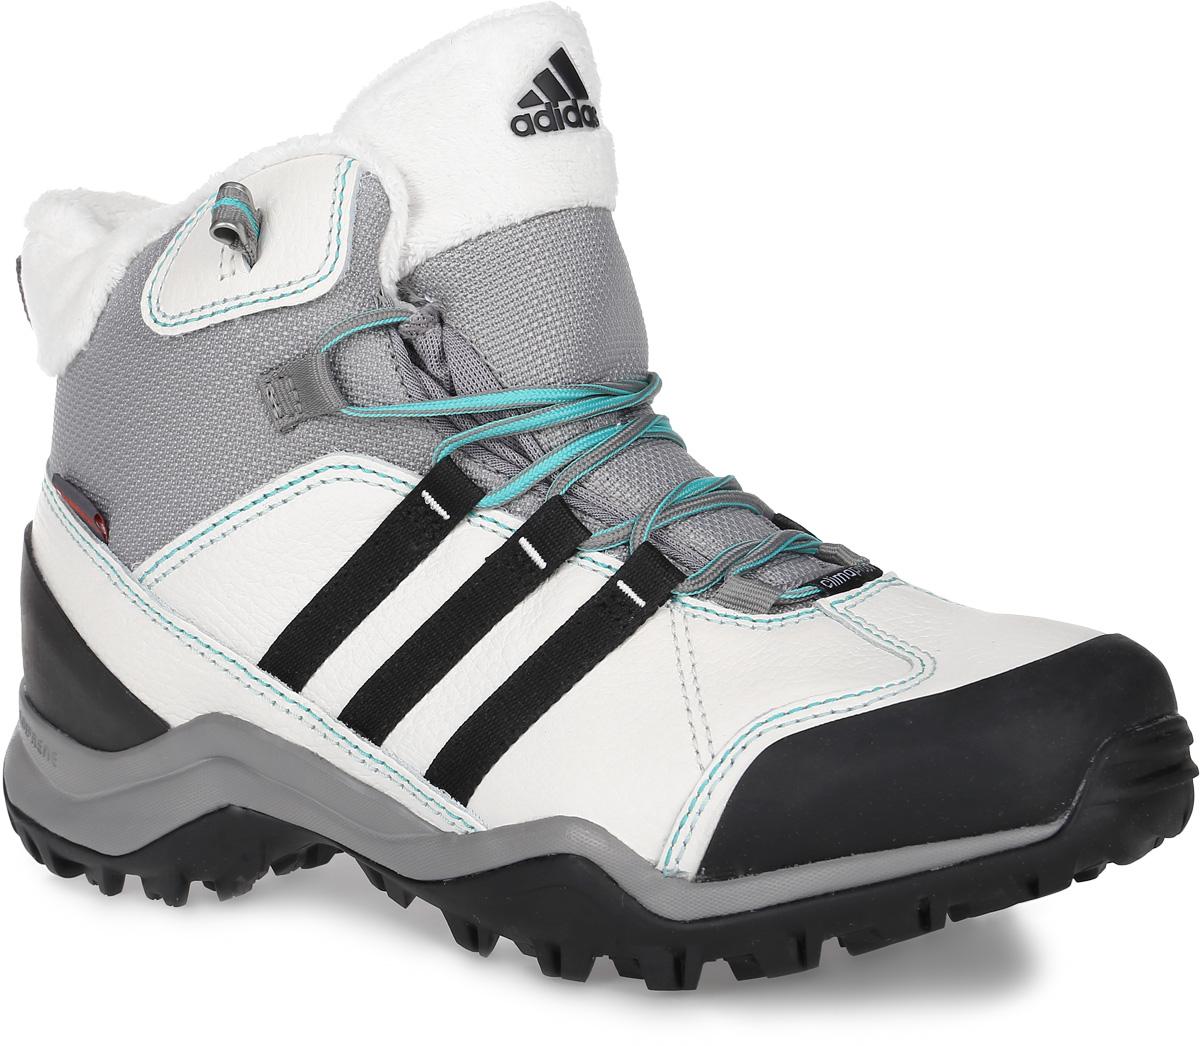 M17332Женские ботинки от adidas Winter Hiker II CP PL займут достойное место в вашем гардеробе. Модель выполнена из комбинации прочного сетчатого текстиля, искусственной кожи и других искусственных материалов. Верх изделия оформлен шнуровкой, которая надежно фиксирует обувь на ноге. Ботинки с закругленным мыском внутри выполнены из текстиля с верхней частью из искусственного меха. Утеплитель Primaloft предназначен для максимального тепла, защиты от влаги и комфорта. Стелька исполнена из текстиля. По бокам обувь декорирована тремя фирменными полосками, а на заднике и мыске тиснением в виде логотипа бренда. Уникальный дизайн в сочетании с технологией Adiprene, в промежуточной части подошвы, служит для дополнительной амортизации и смягчения ударных нагрузок. Задняя часть кроссовок дополнена ярлычком для более удобного надевания обуви. Подошва с рельефом Traxion, изготовленная из гибкой резины, обеспечит прочное сцепление с любой поверхностью.